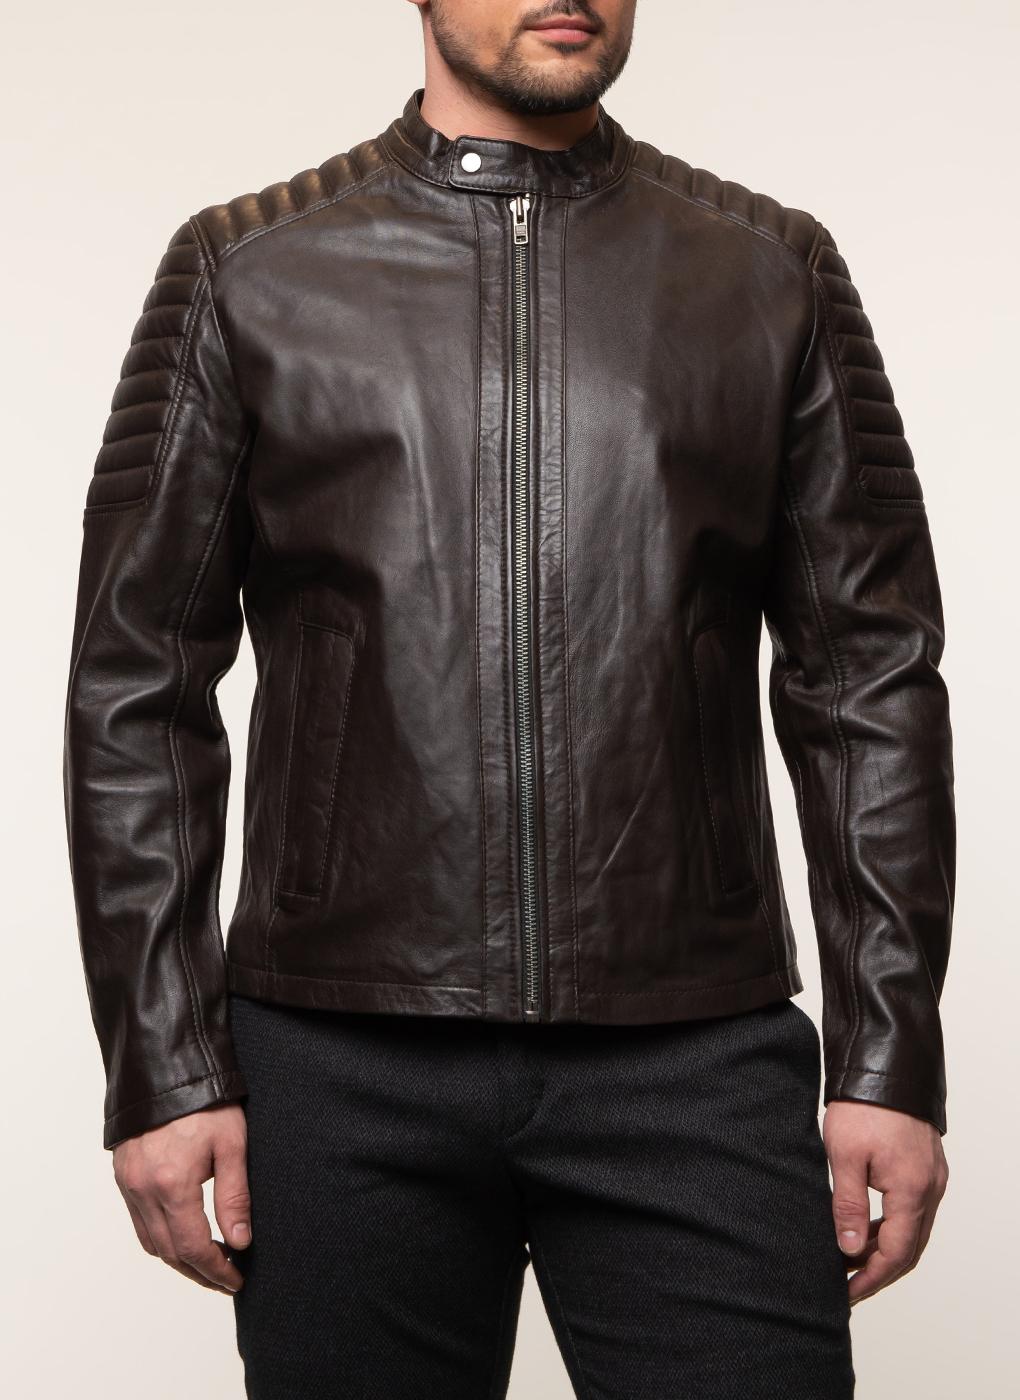 Кожаная куртка мужская 14, КАЛЯЕВ фото